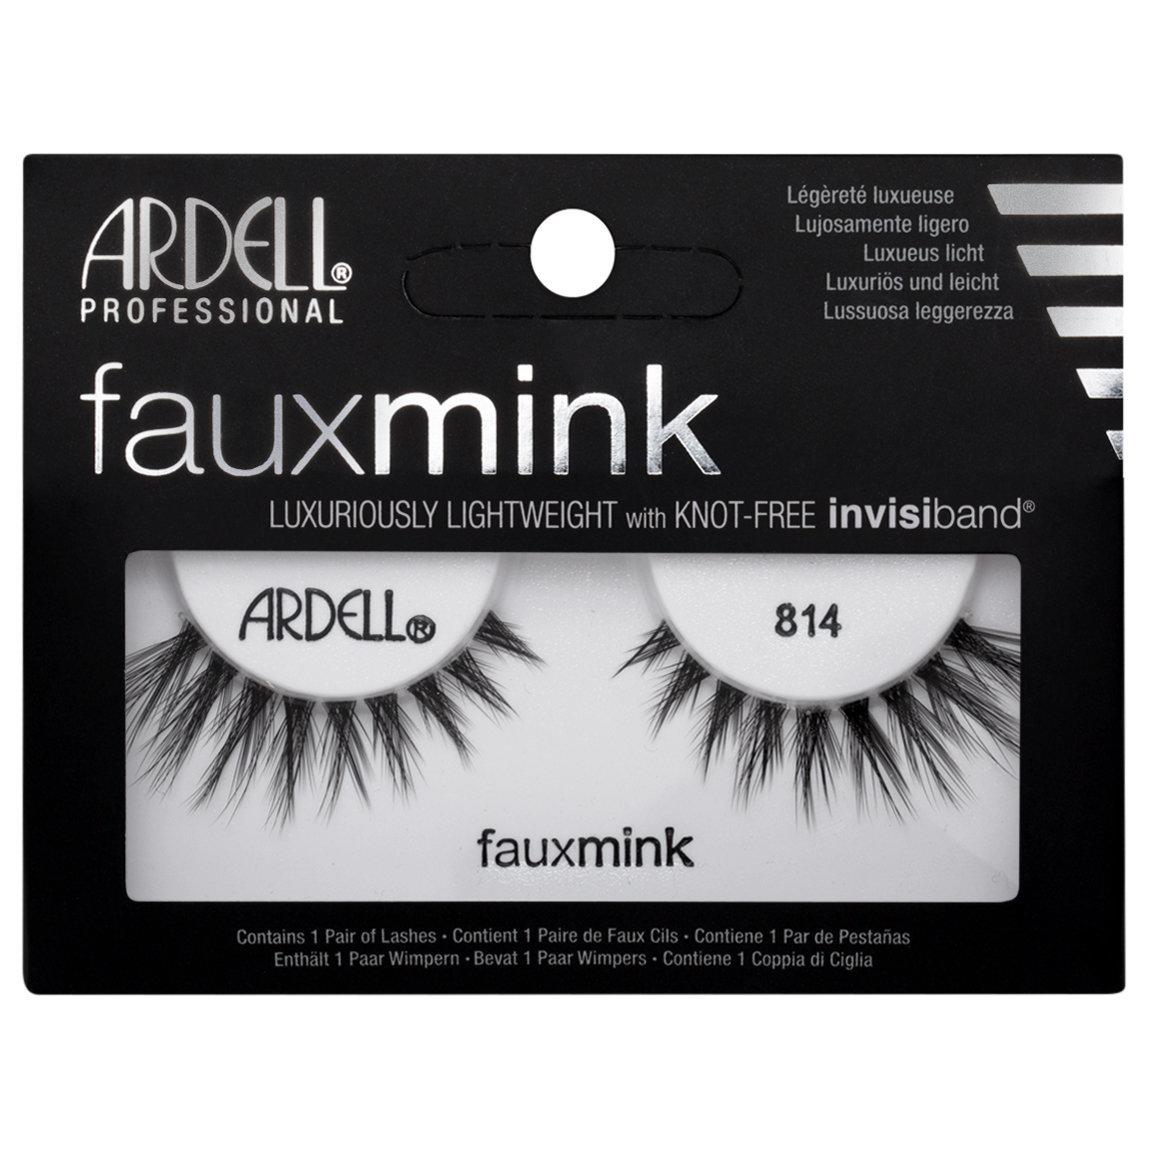 8ca1ab1c249 Ardell Faux Mink Lashes 814 Black | Beautylish